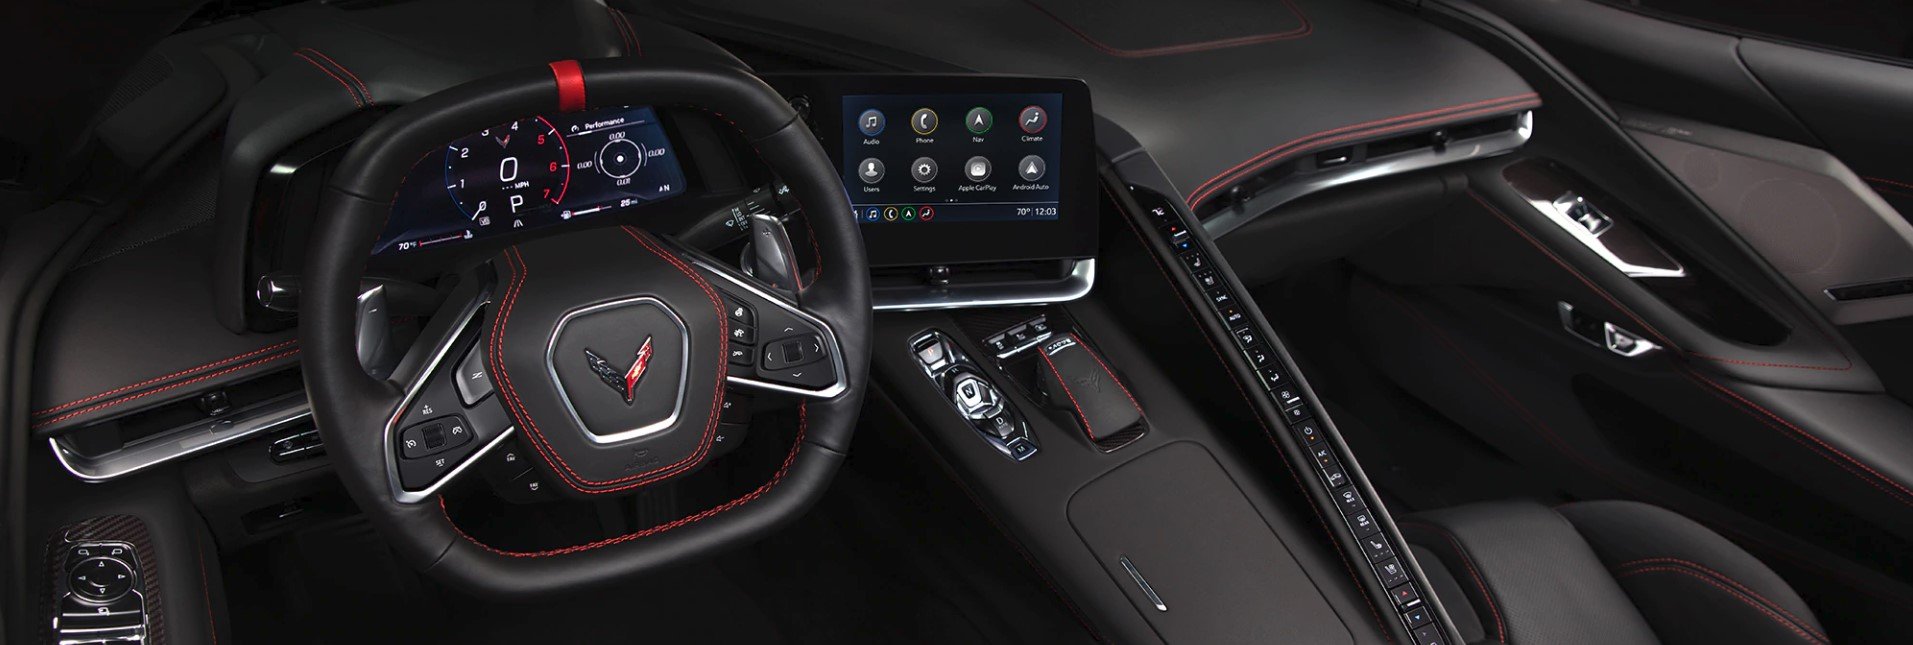 2020 Corvette Cockpit